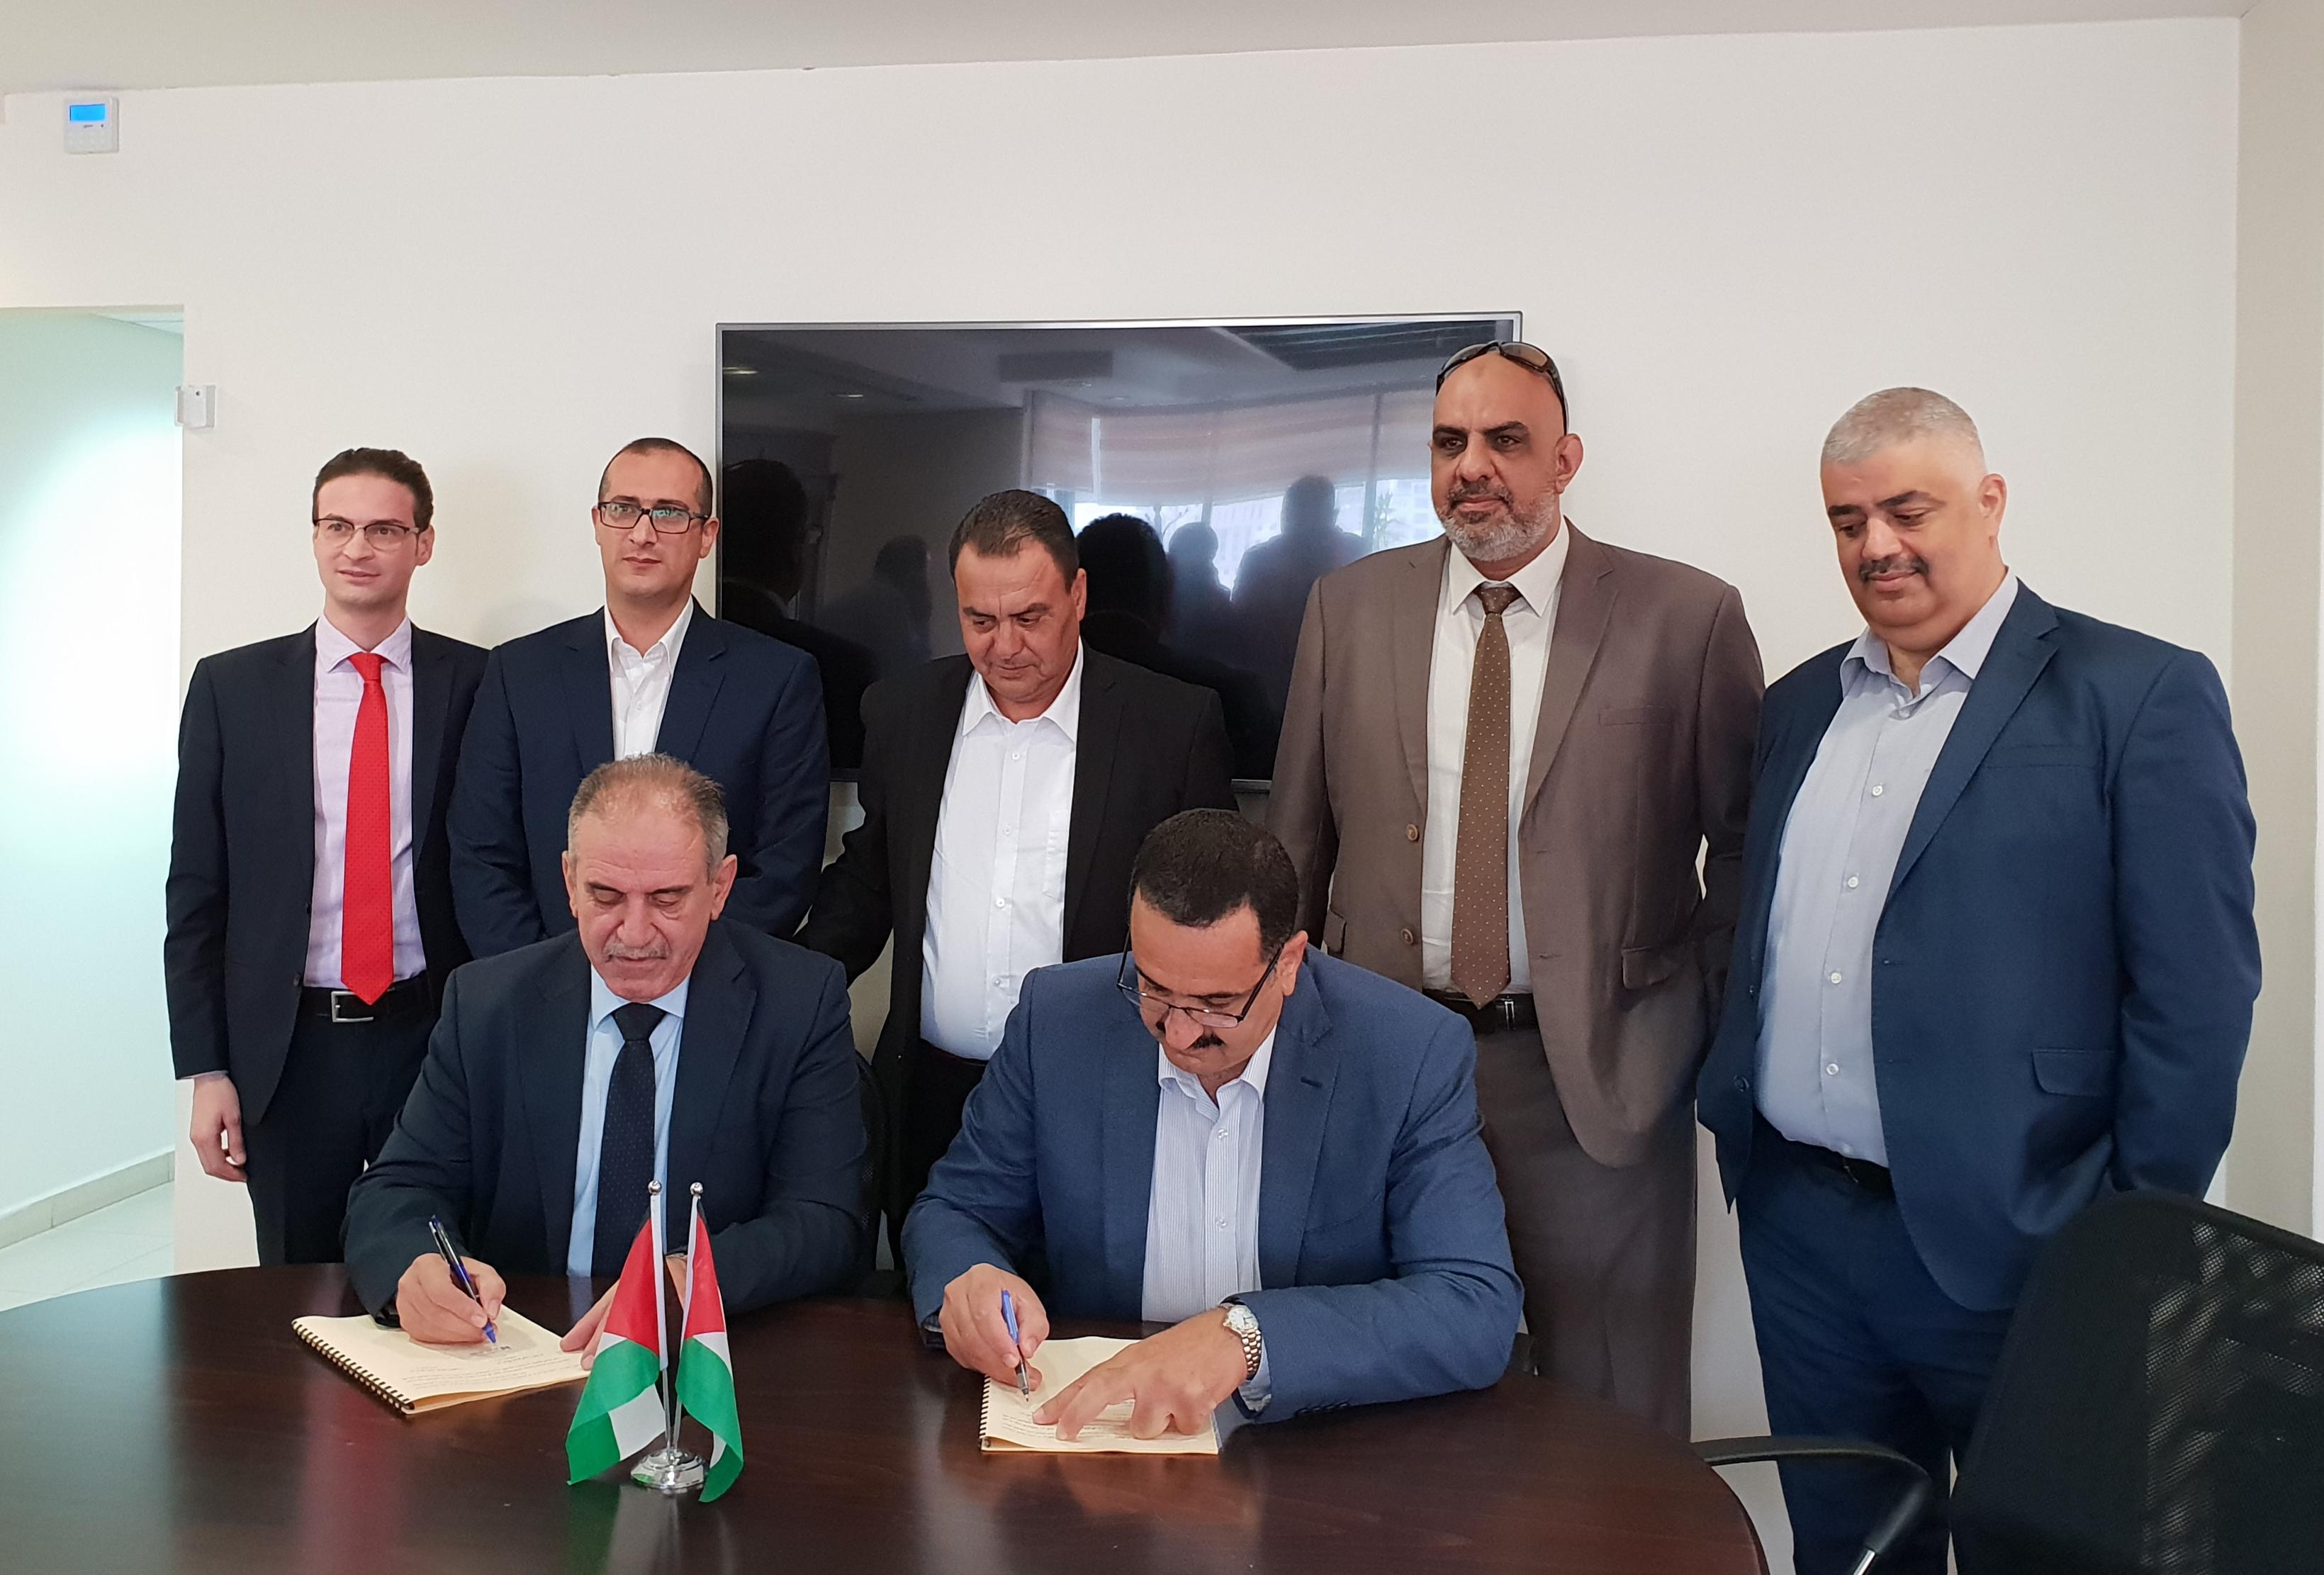 شركة النقل الوطنية توقع اتفاقية لتزويد شركة توزيع كهرباء الشمال بحاجتها من الكهرباء